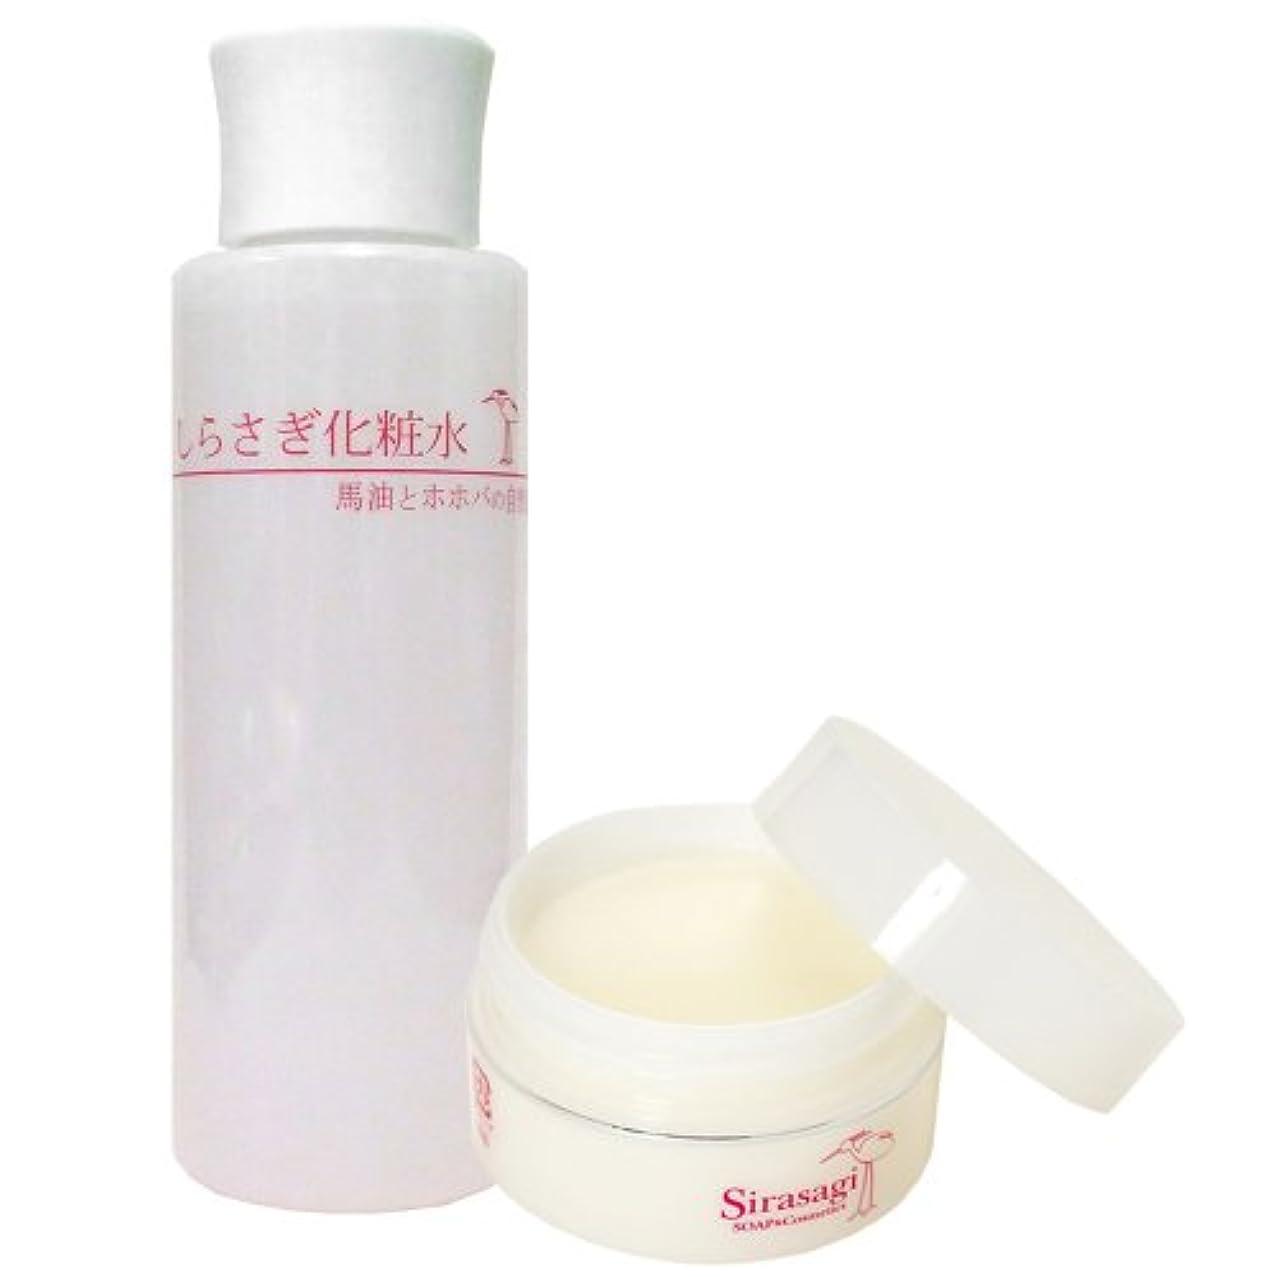 トレーダー力学大宇宙しらさぎクリーム(無香料)としらさぎ化粧水のセット